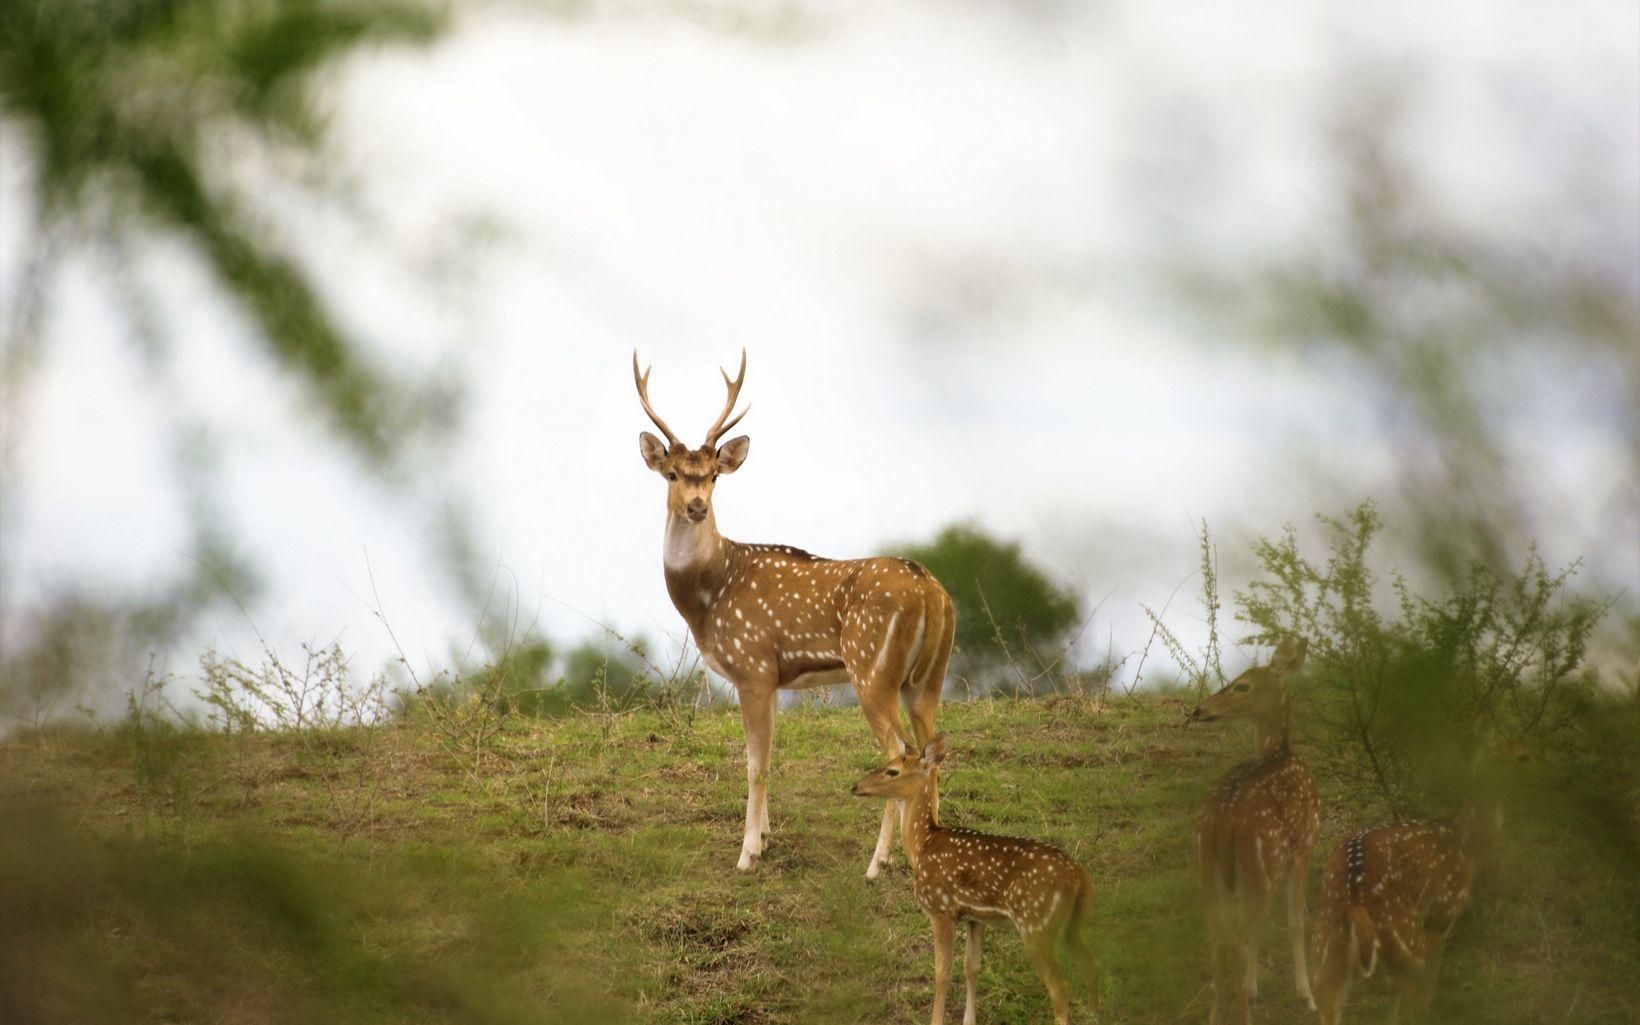 grazing on River Narmada banks